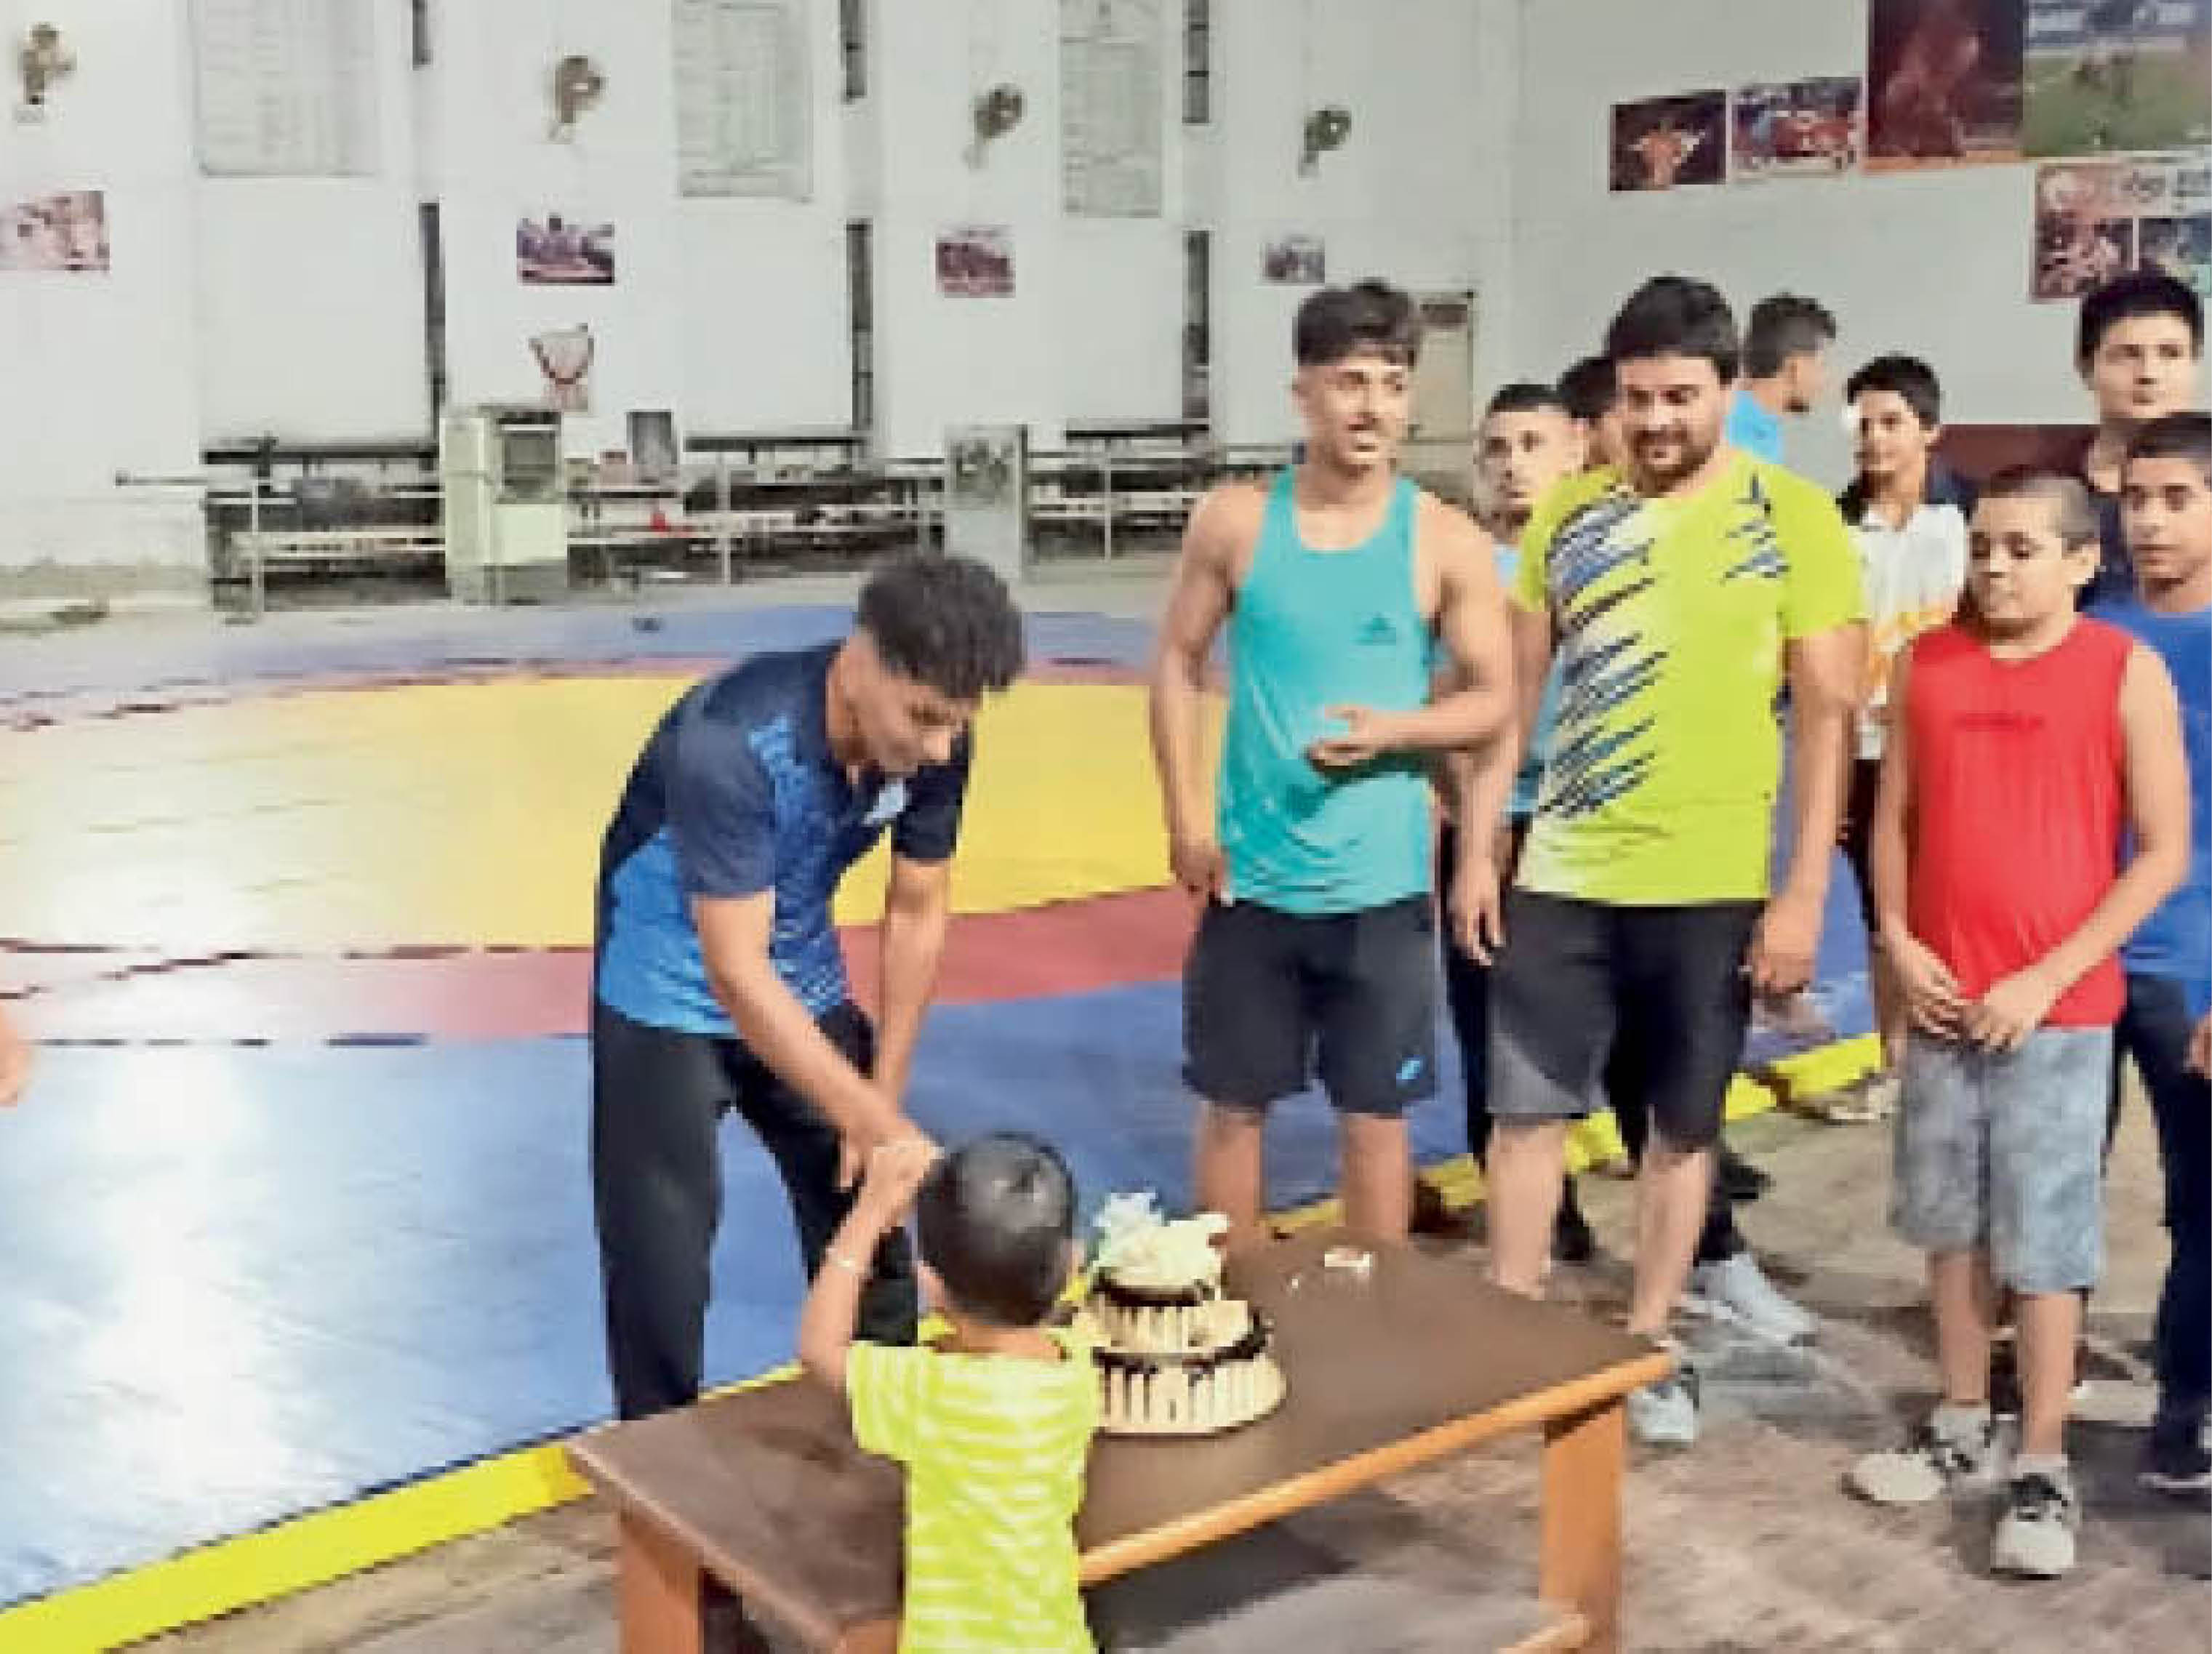 रोहतक. एक साल पहले अखाड़े में अपने जन्मदिन पर केक काटता सतीश व अन्य। - Dainik Bhaskar